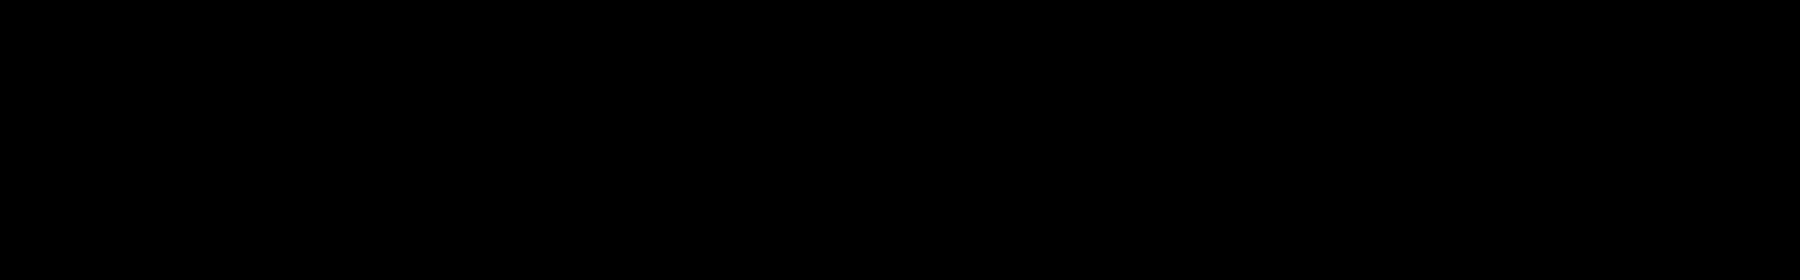 Gold Chainz for Xfer Serum audio waveform